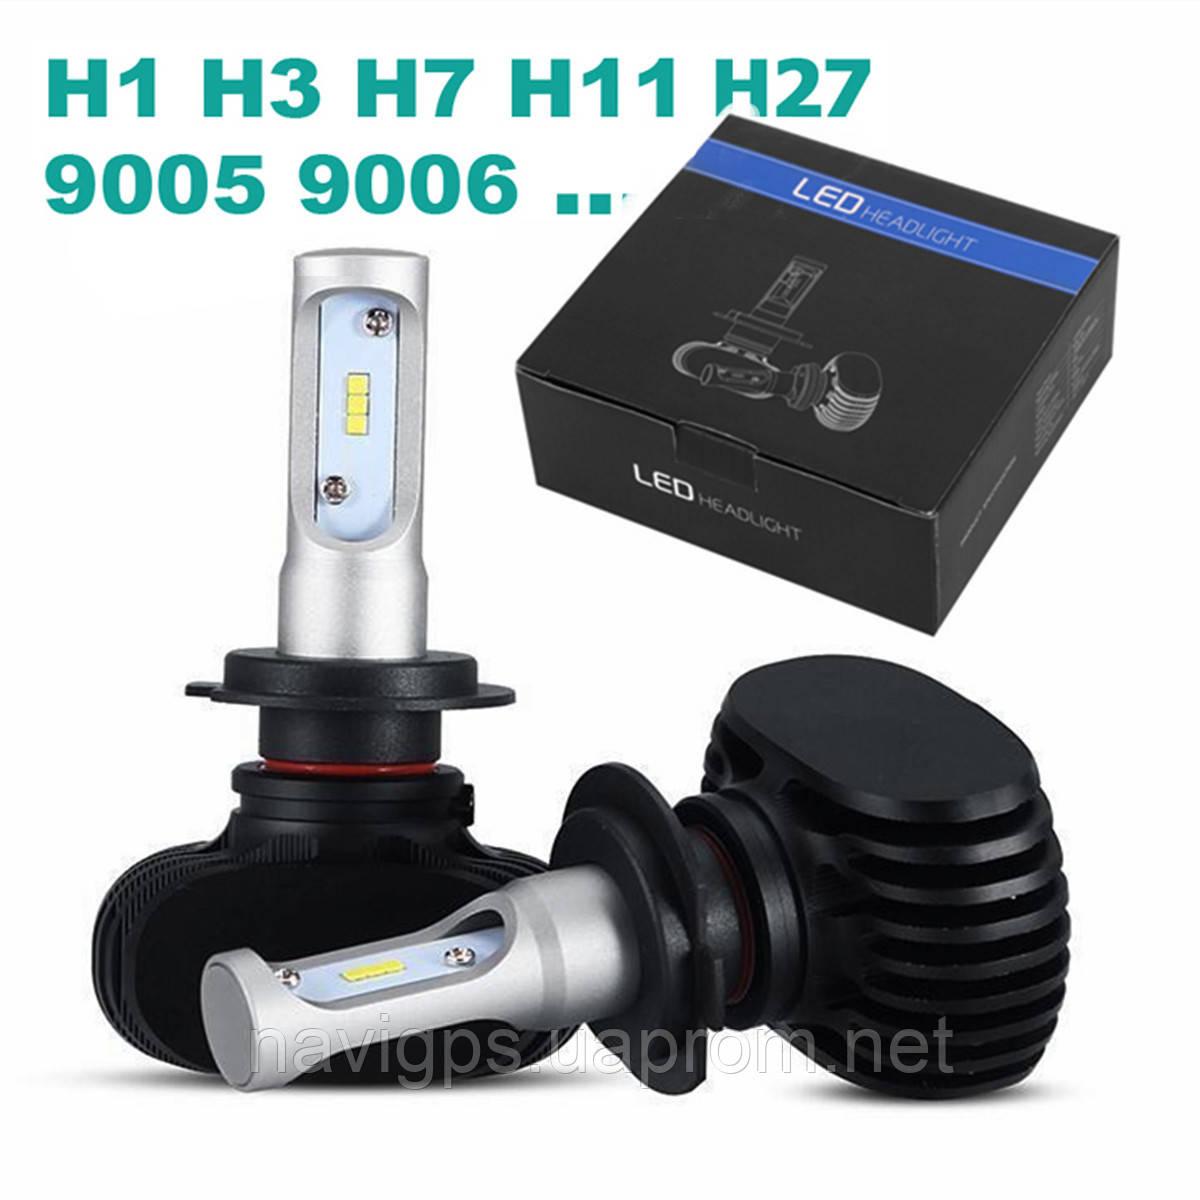 LED лампы S1 2шт. H1, H3, H7, H11, 9005 ...